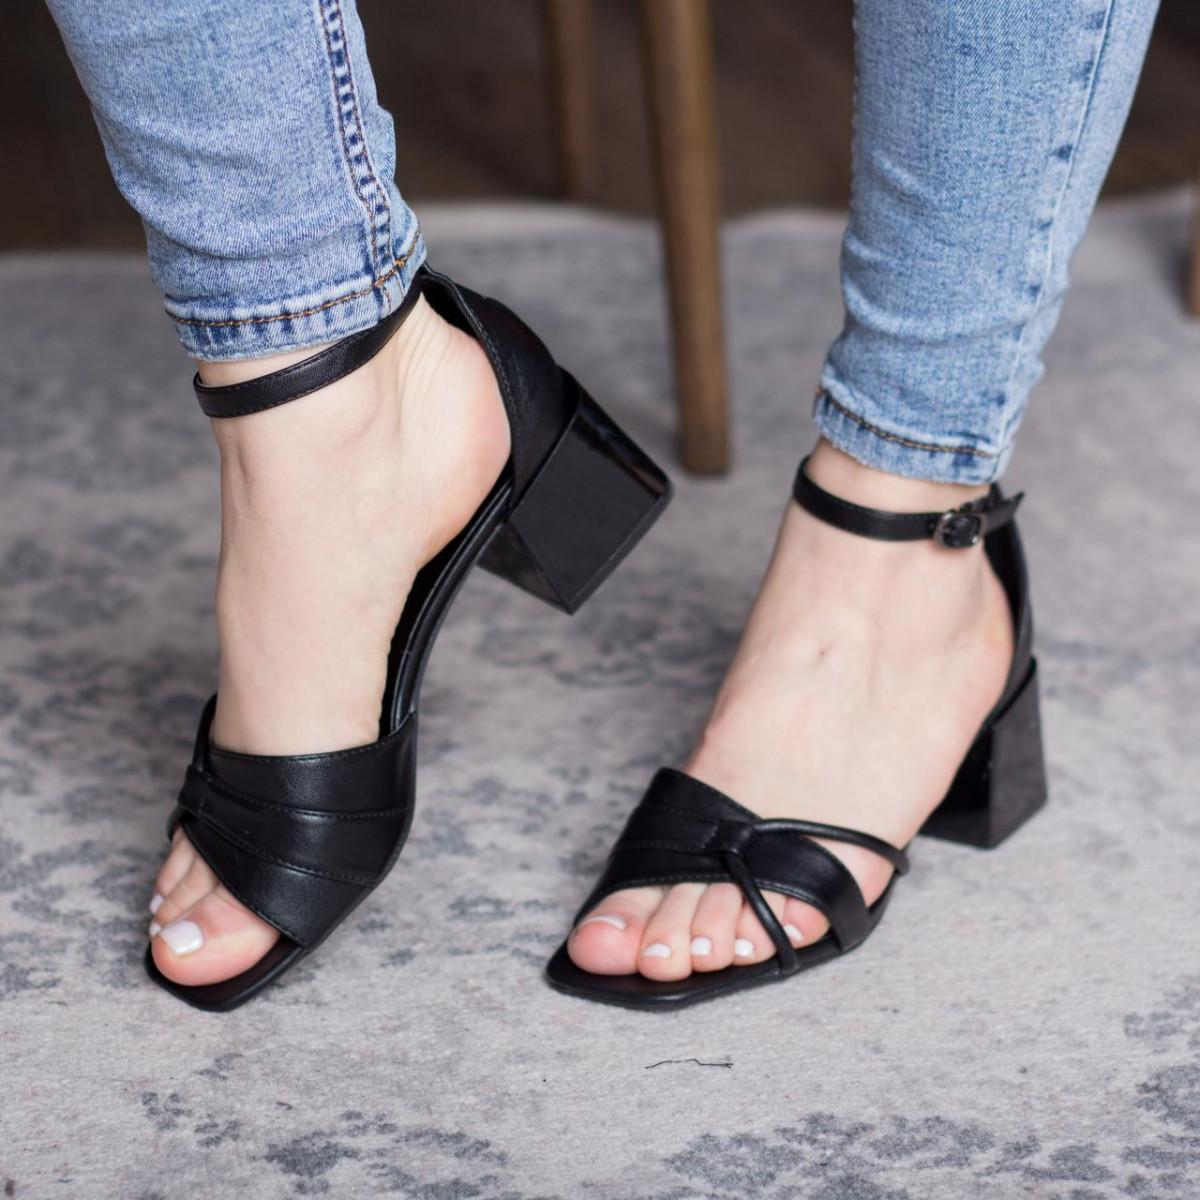 Женские босоножки Fashion Galaxy 2812 36 размер 23,5 см Черный